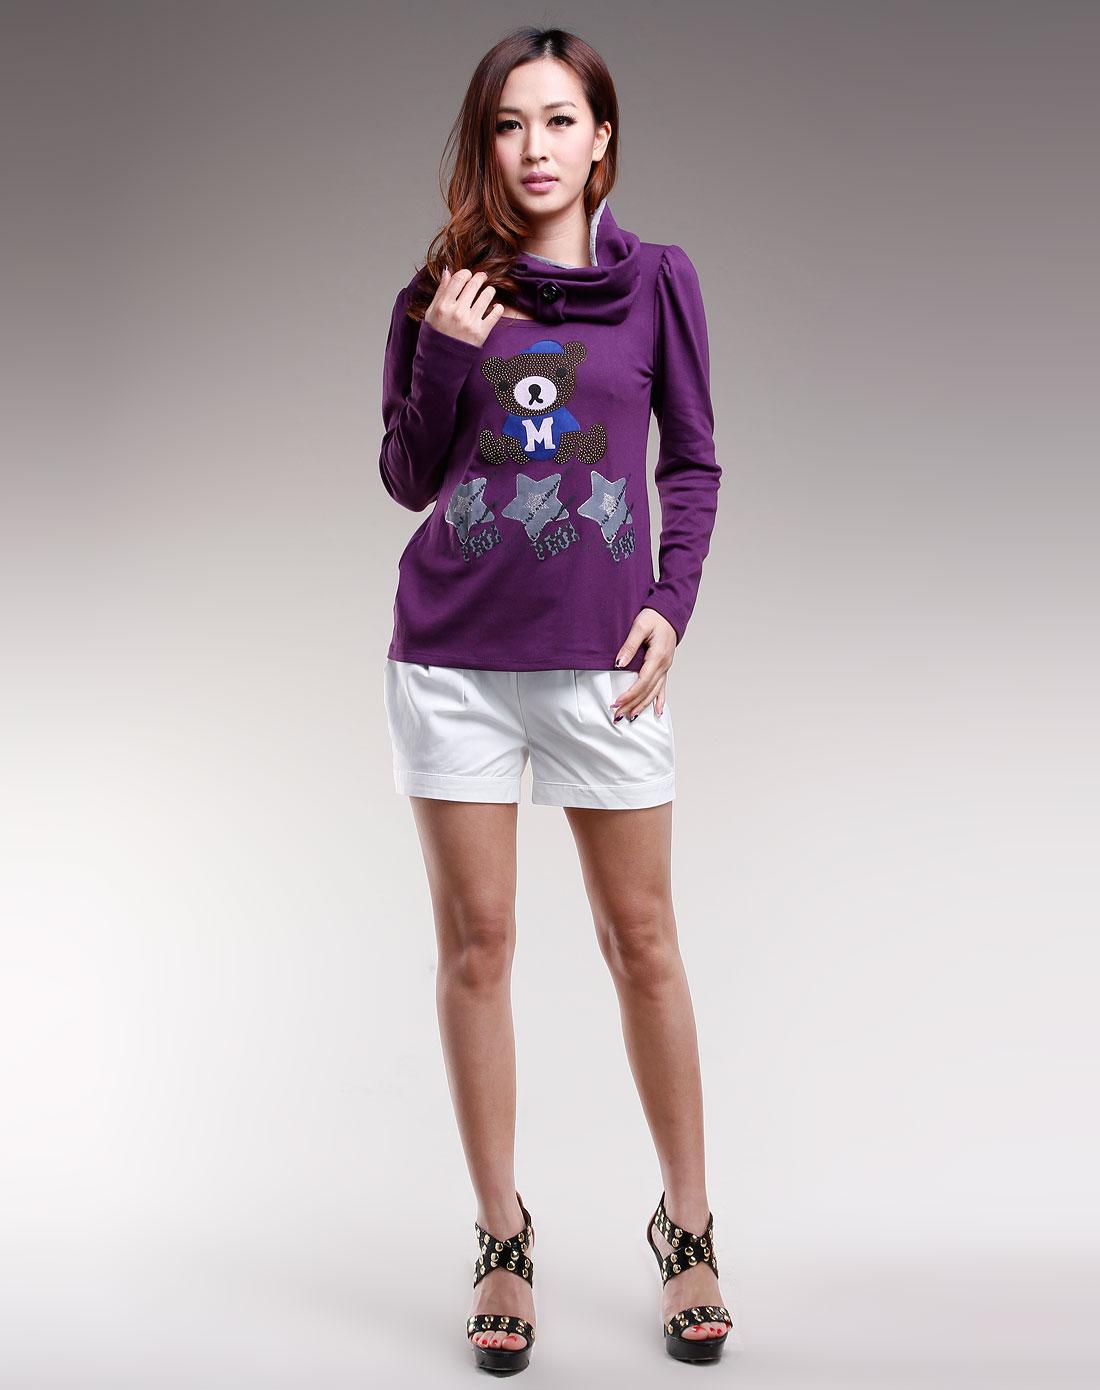 紫色小熊图案长袖t恤衫